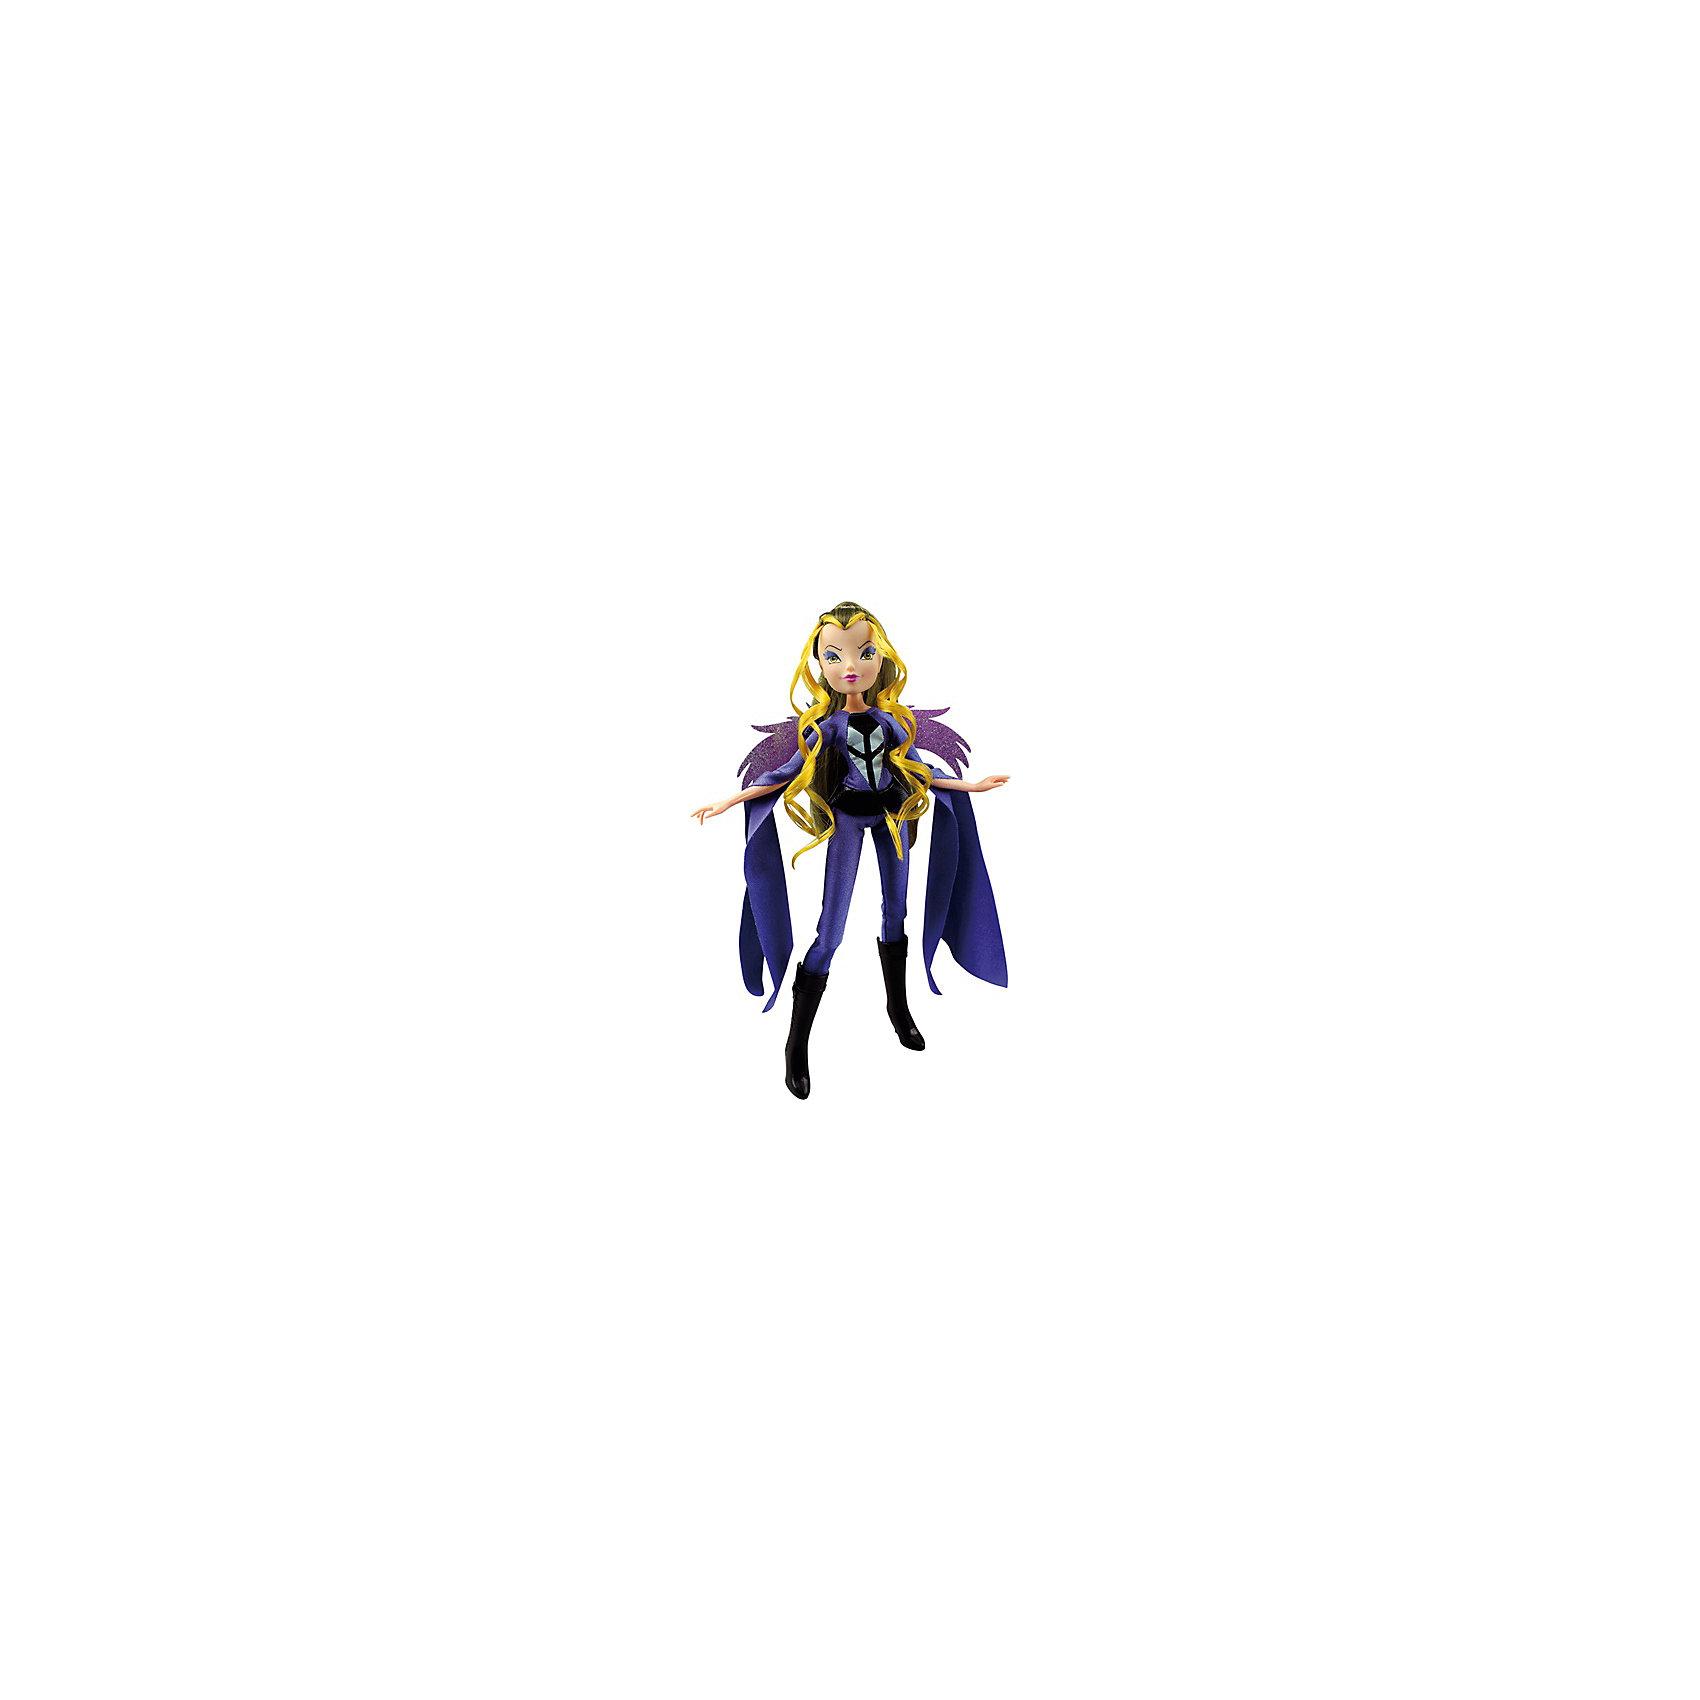 Кукла Winx Club Дарси-ТриксКукла Winx Club Дарси-Трикс – несомненно, порадует поклонниц мультсериала «Winx Club»!<br>Кукла Дарси Трикс Club Winx выполнена в стиле одной из главных героинь любимого мультсериала «Winx Club». Магическая сила и энергетика ведьмы Дарси полностью воплощена в кукольном образе. Кукла одета в яркий обтягивающий темно-синий комбинезон с длинными свисающими рукавами, а сзади у нее есть подвижные съемные крылышки фиолетового цвета. На ножках - стильные черные сапожки на небольшом каблучке. Длинные волосы Дарси дополнены прядями ярко-жёлтого оттенка. Волосы можно укладывать в красивые прически благодаря расчёске из набора. Лицо куклы тщательно прорисовано и на него нанесен яркий макияж. Руки у куклы подвижные, ноги шарнирные. Ведьма Дарси Трикс – не самый добрый и положительный персонаж, но и она может меняться, если так захочет ее будущая хозяйка, ведь только девочки смогут придумать сюжет для игры с куклой, наделив ее особыми функциями и характером. Продукция сертифицирована, экологически безопасна для детей, использованные красители не токсичны и гипоаллергенны.<br><br>Дополнительная информация:<br><br>- В комплекте: кукла, подвижные пластиковые крылья, стильная расческа для волос<br>- Высота куклы: 27 см.<br>- Материал: пластик, текстиль<br><br>Куклу Winx Club Дарси-Трикс можно купить в нашем интернет-магазине.<br><br>Ширина мм: 200<br>Глубина мм: 60<br>Высота мм: 340<br>Вес г: 350<br>Возраст от месяцев: 36<br>Возраст до месяцев: 84<br>Пол: Женский<br>Возраст: Детский<br>SKU: 4728357